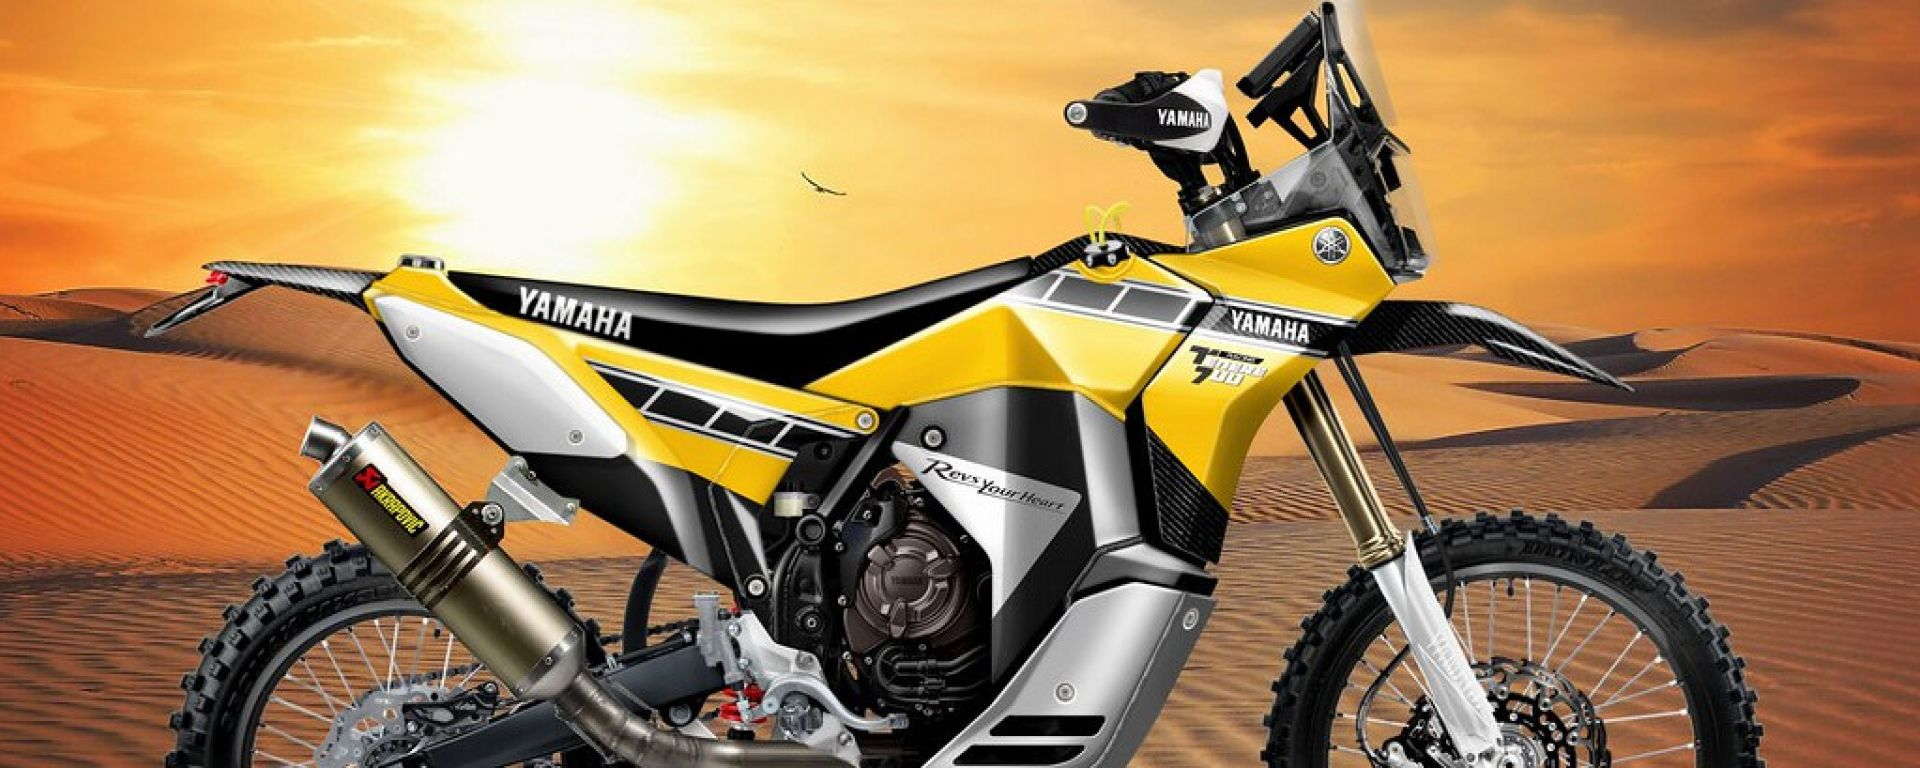 Yamaha Ténéré 700 Rally Racer